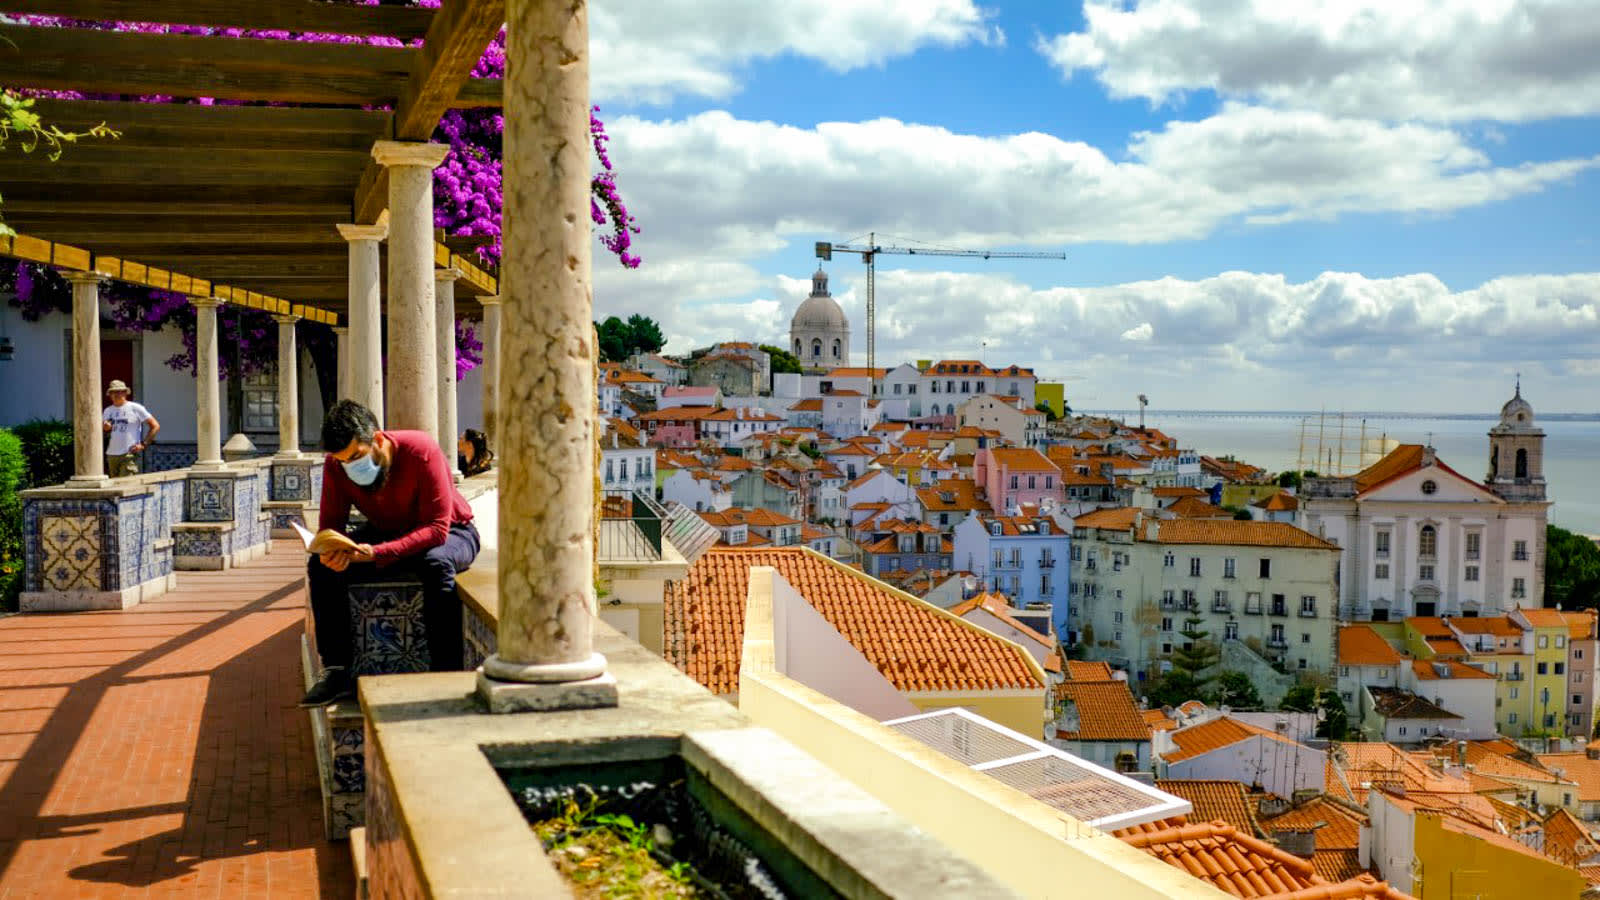 تصارع اليونان والبرتغال لتصبحان الوجهة الأكثر أماناً في أوروبا وسط تفشي كورونا